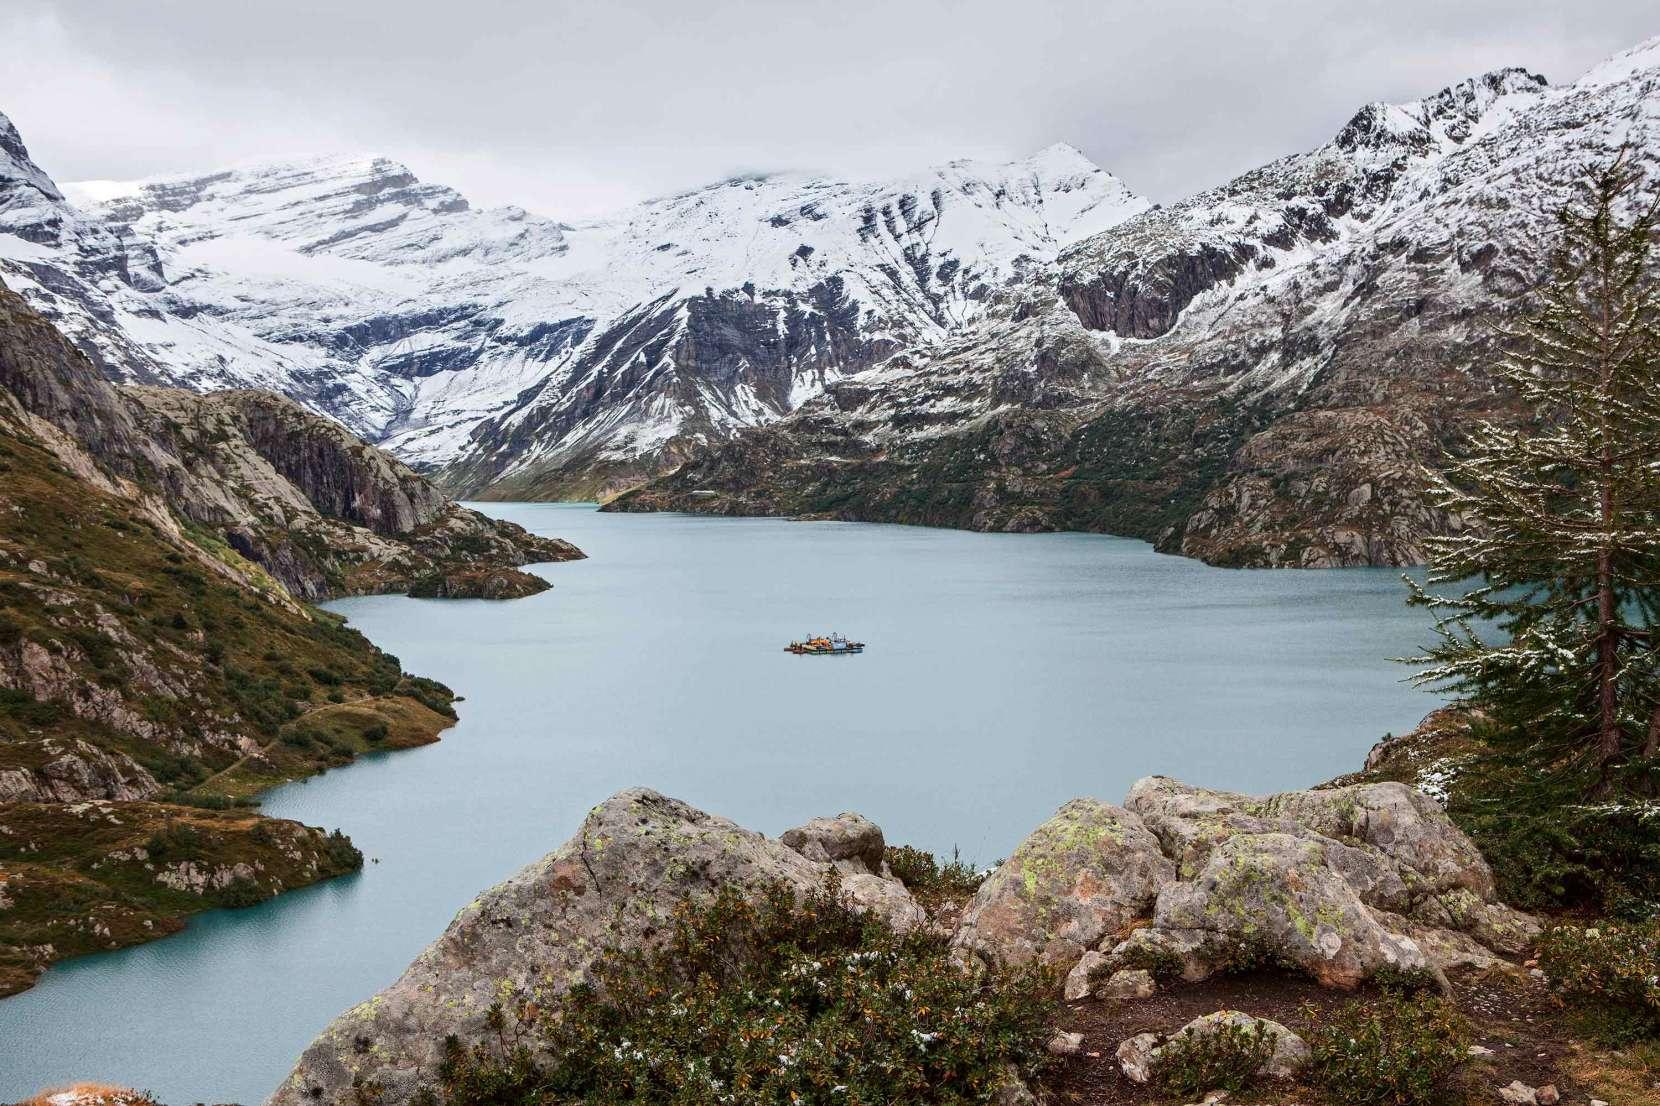 Lac du Emosson mit Mont Ruan, Tour Salliere und Les Ottans